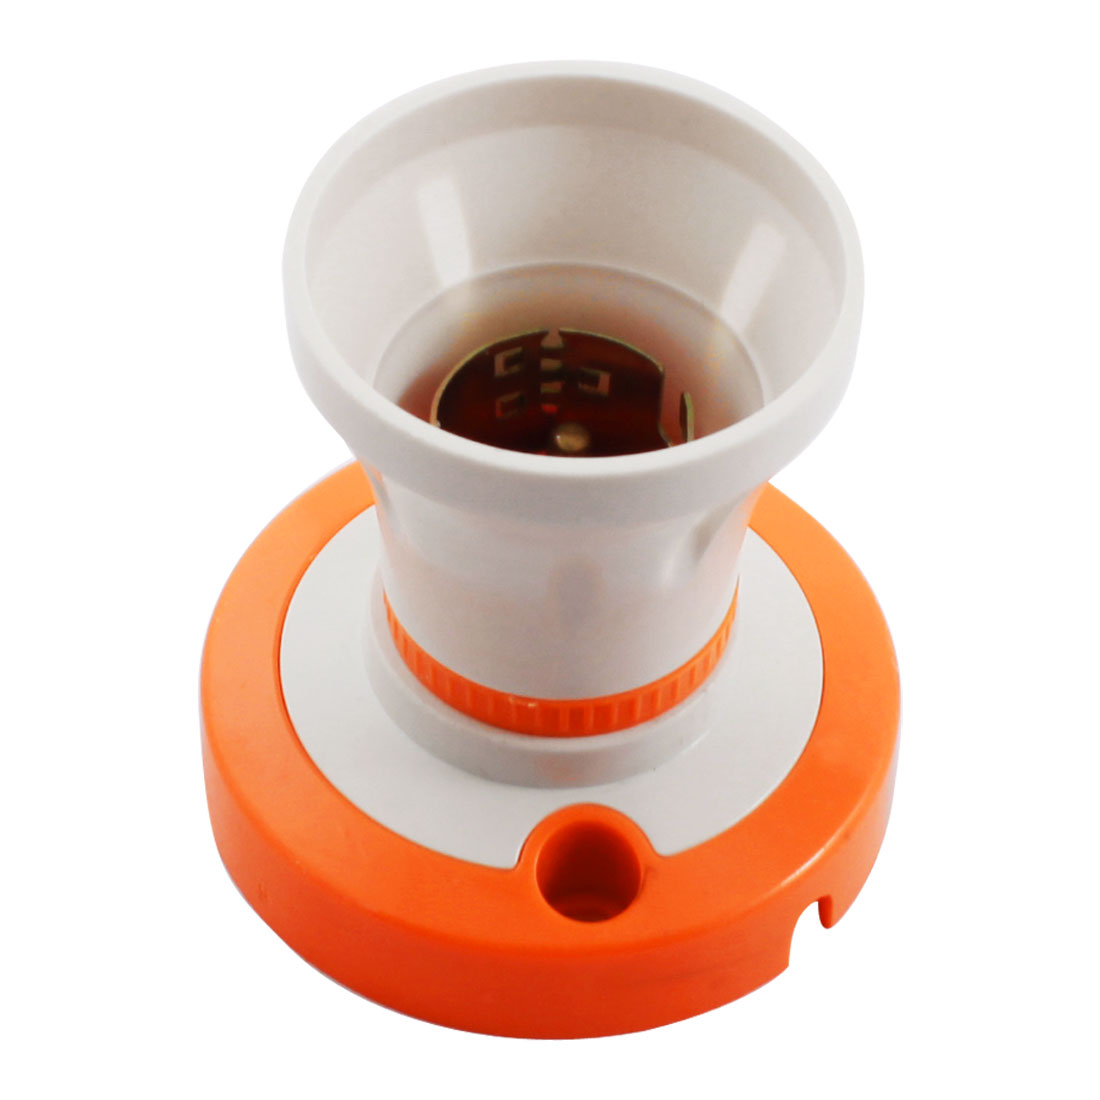 Plastic Round Base Straight B22 Light Bulb Holder Socket